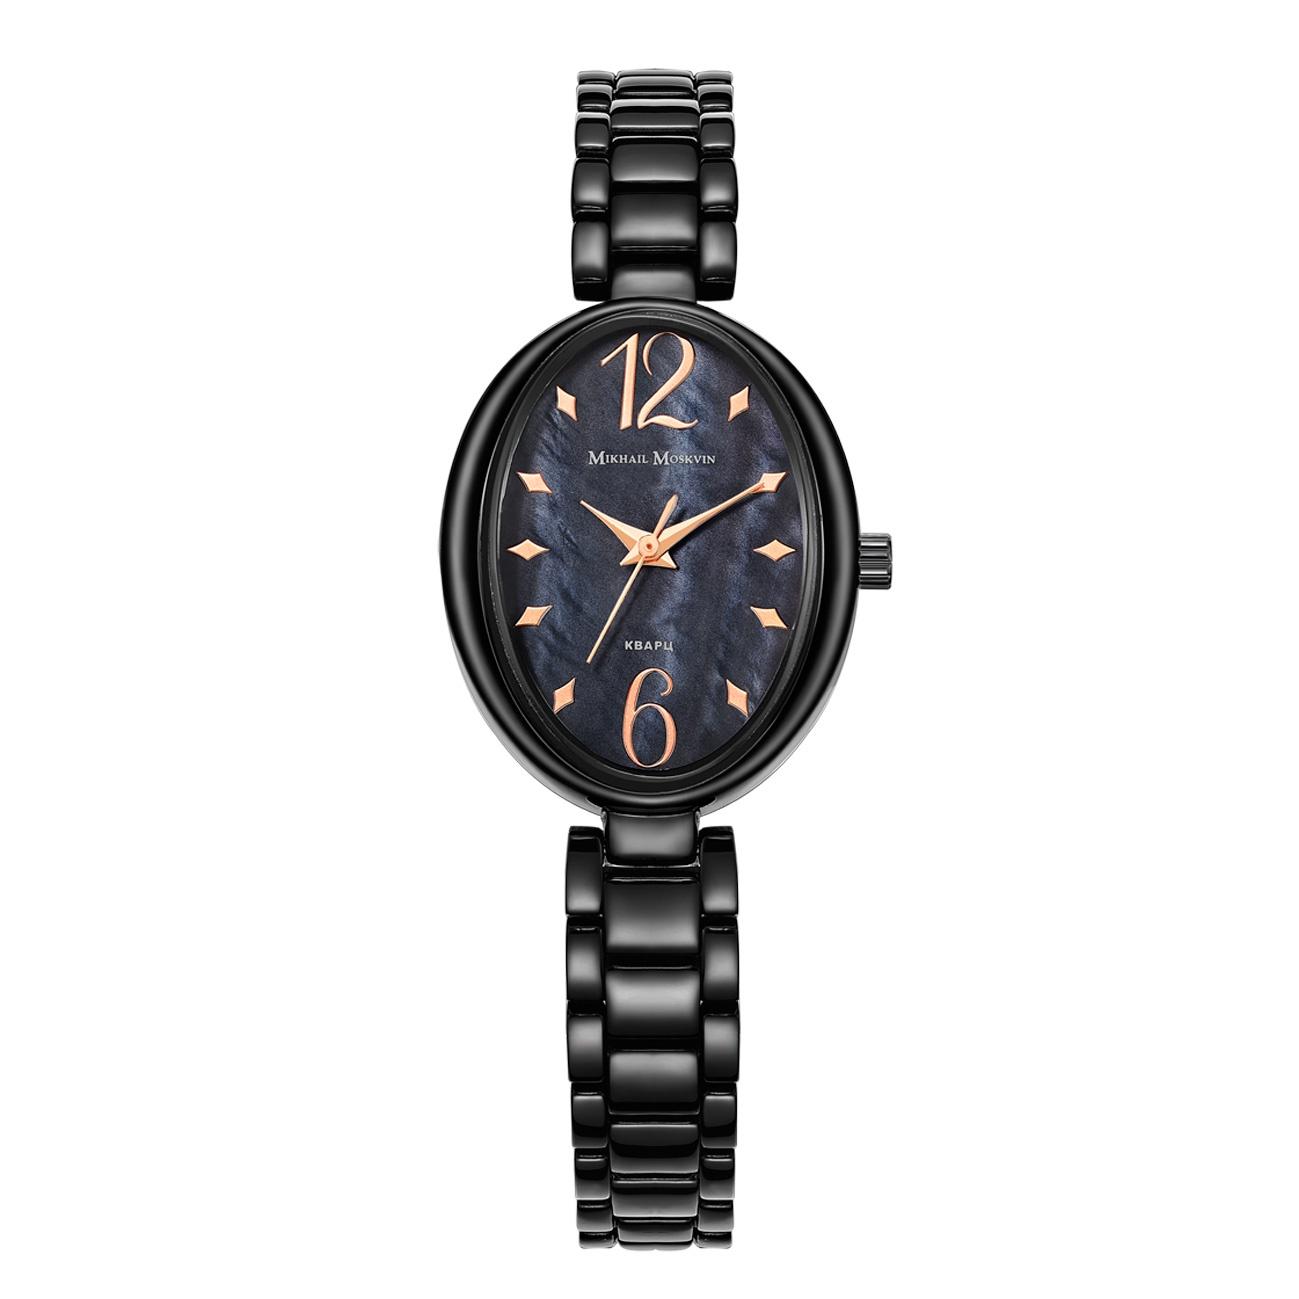 Часы Mikhail Moskvin 600-11-3 все цены